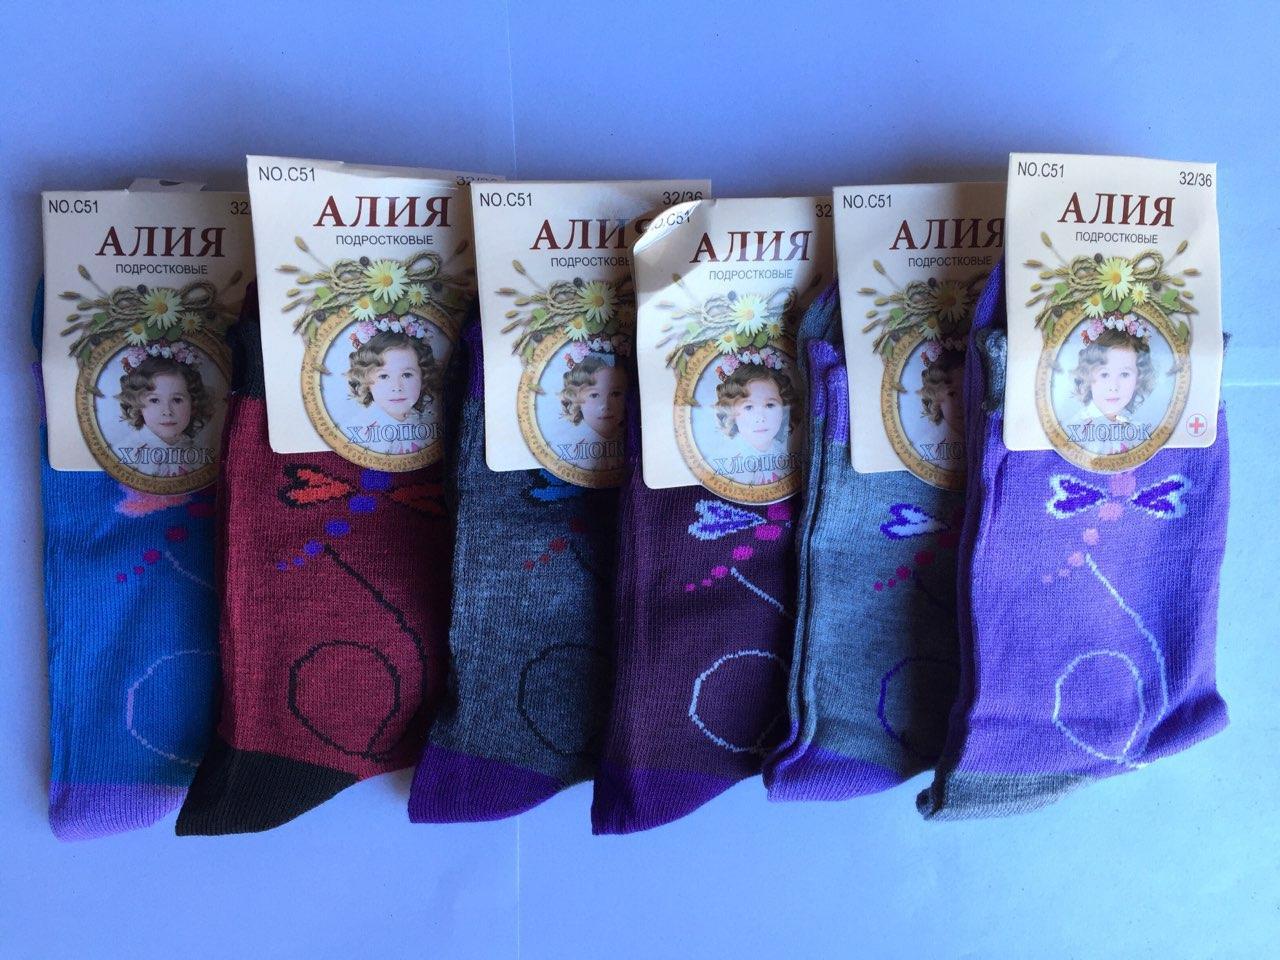 Детские носки Алия medical хлопок Р.р 32-36